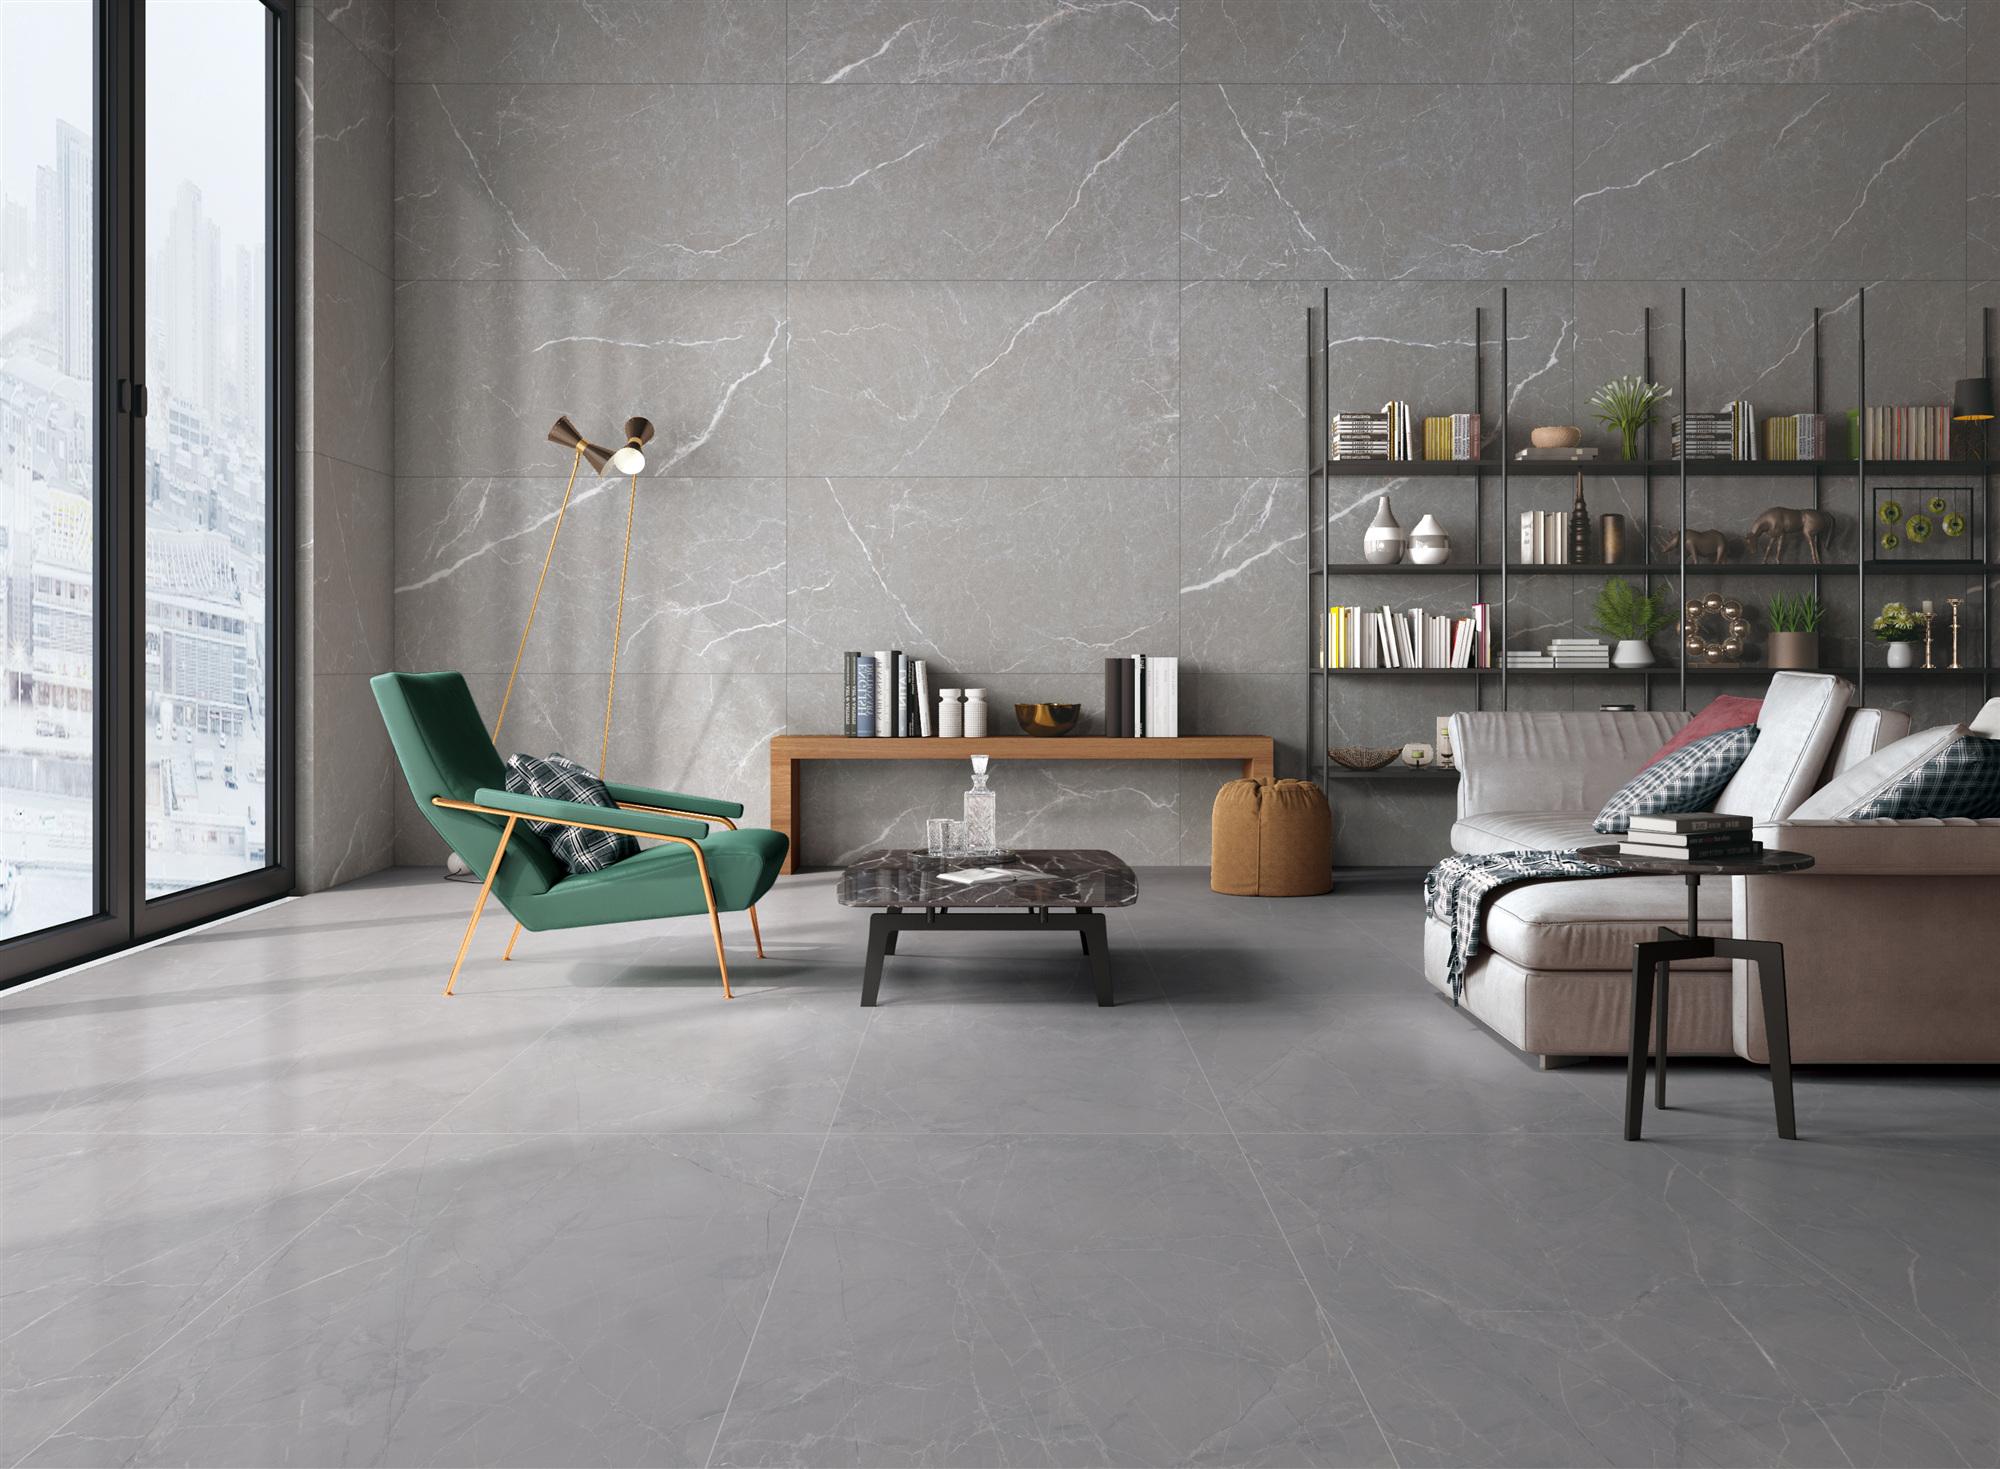 蒙地卡罗陶瓷融界臻石系列测评:素色瓷砖也能营造奢华空间